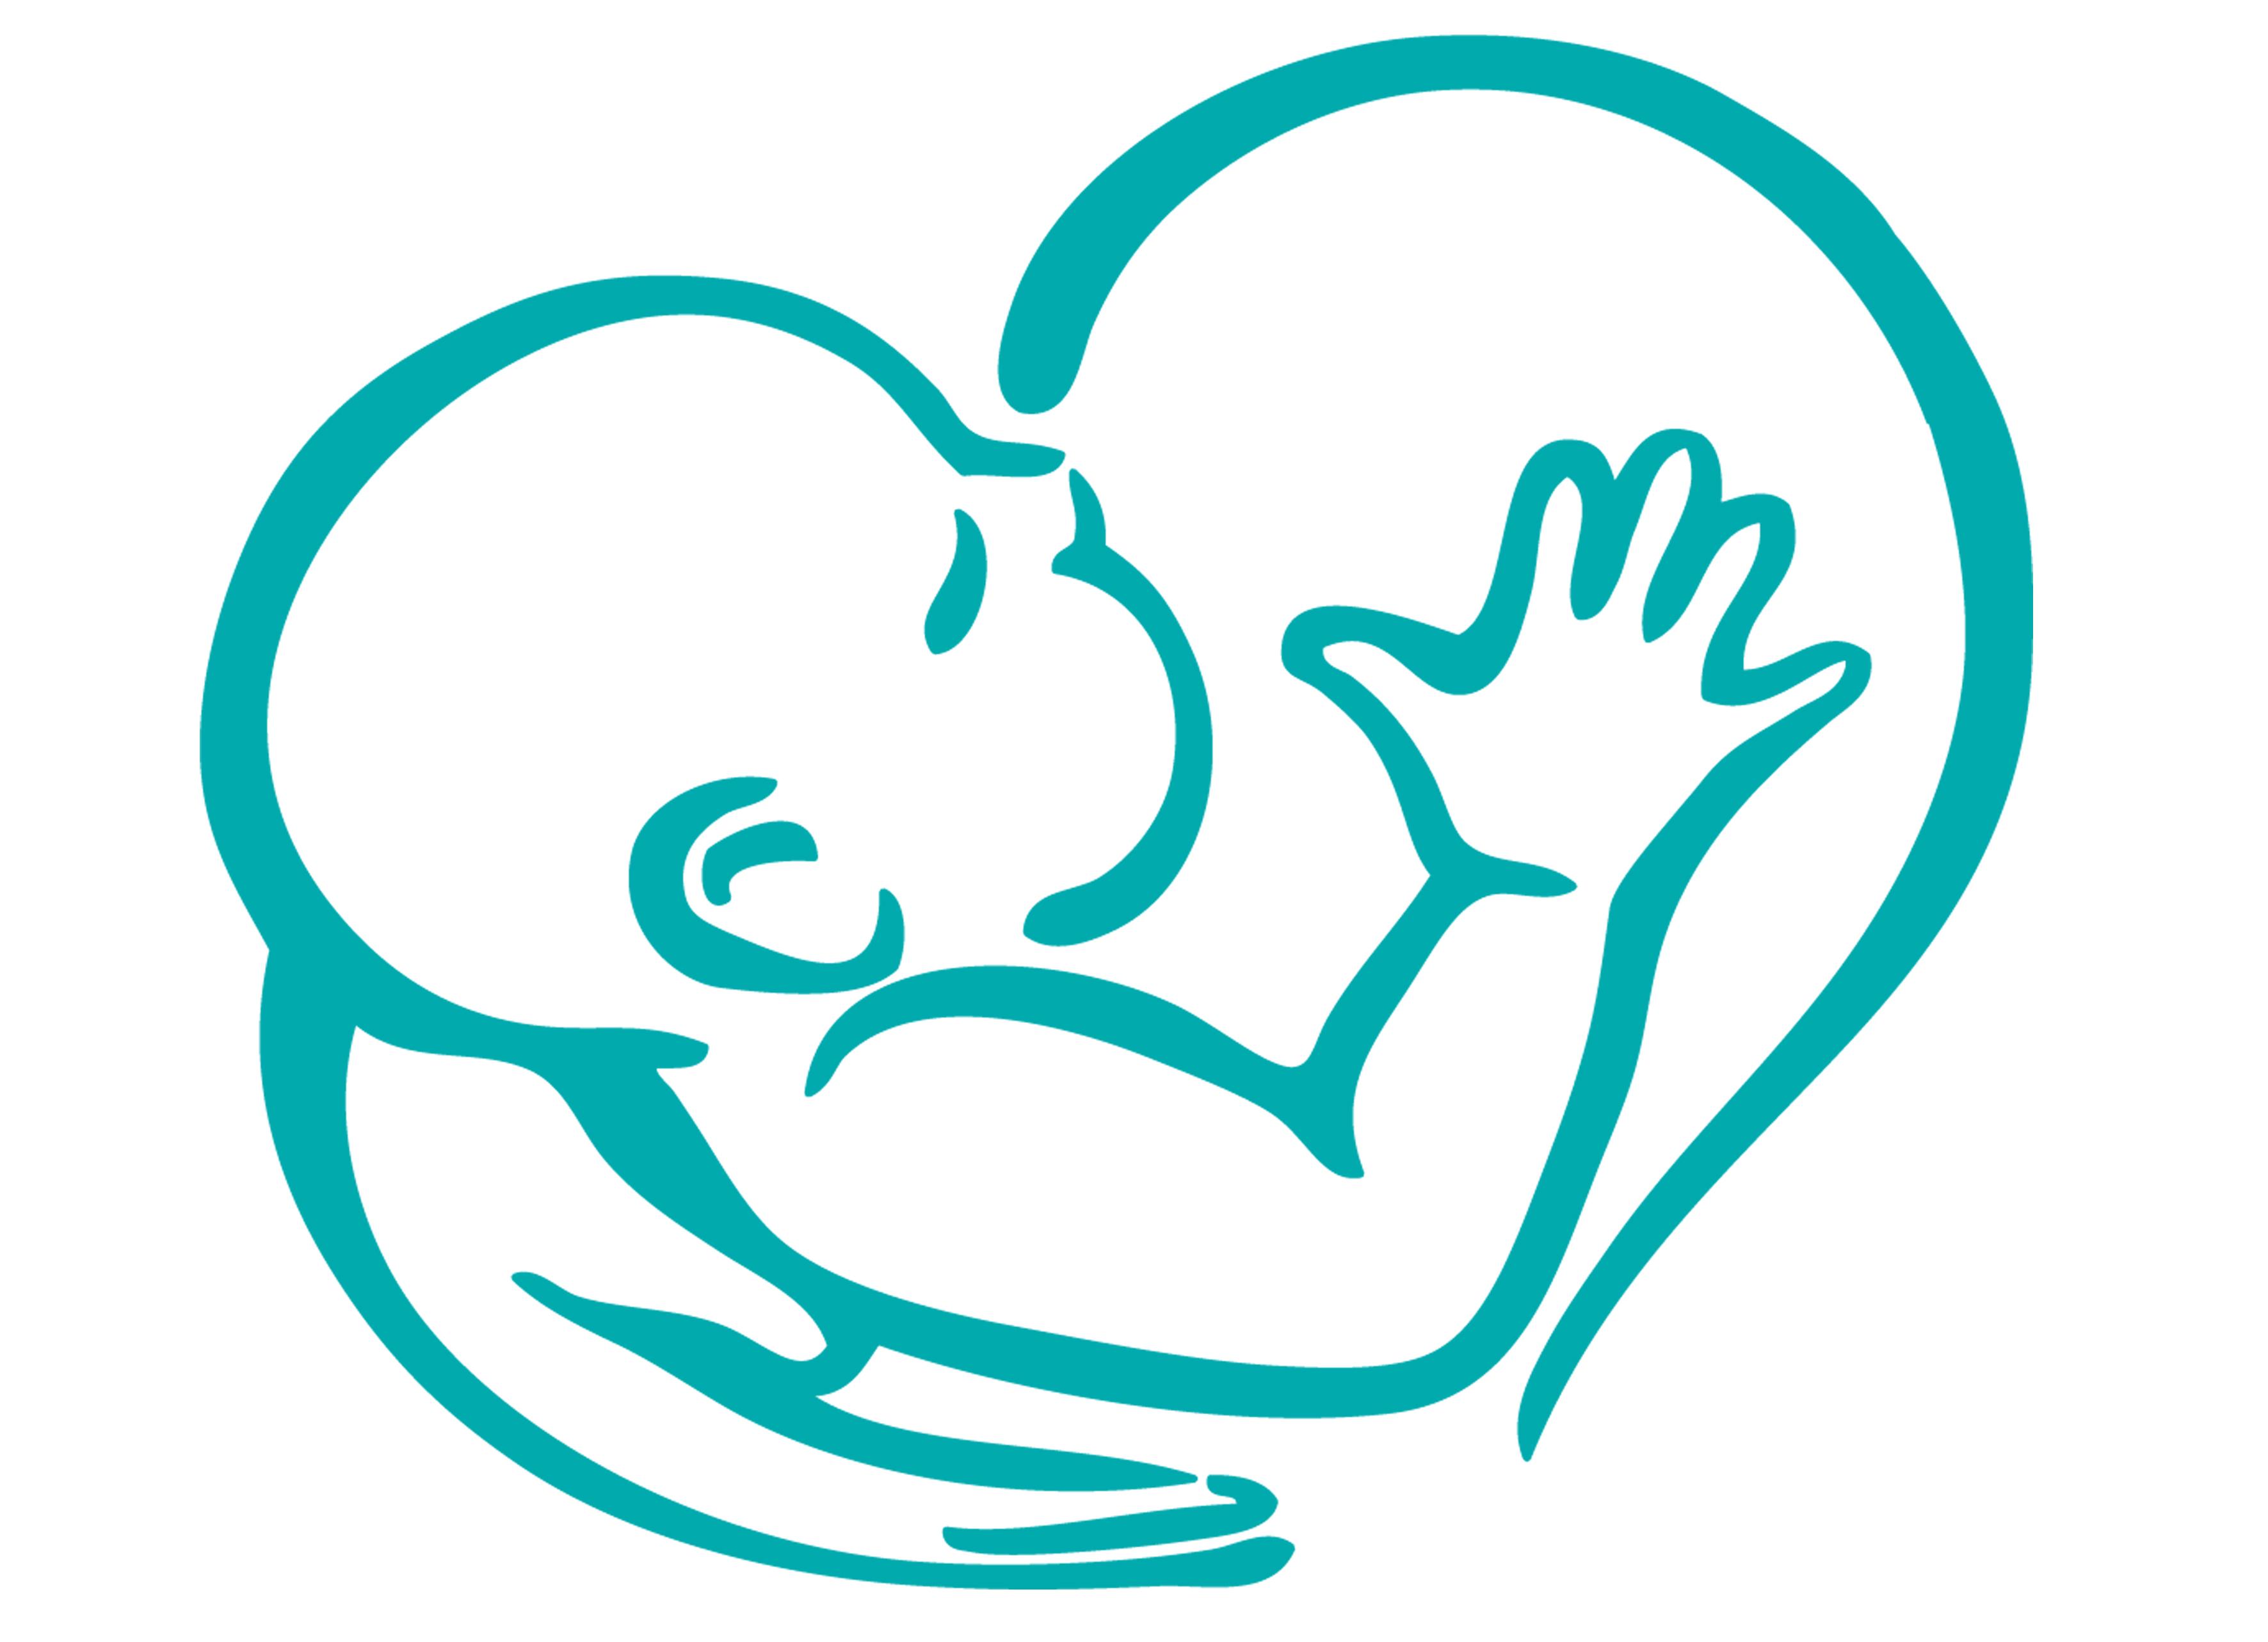 Защита материнства и детства в картинках